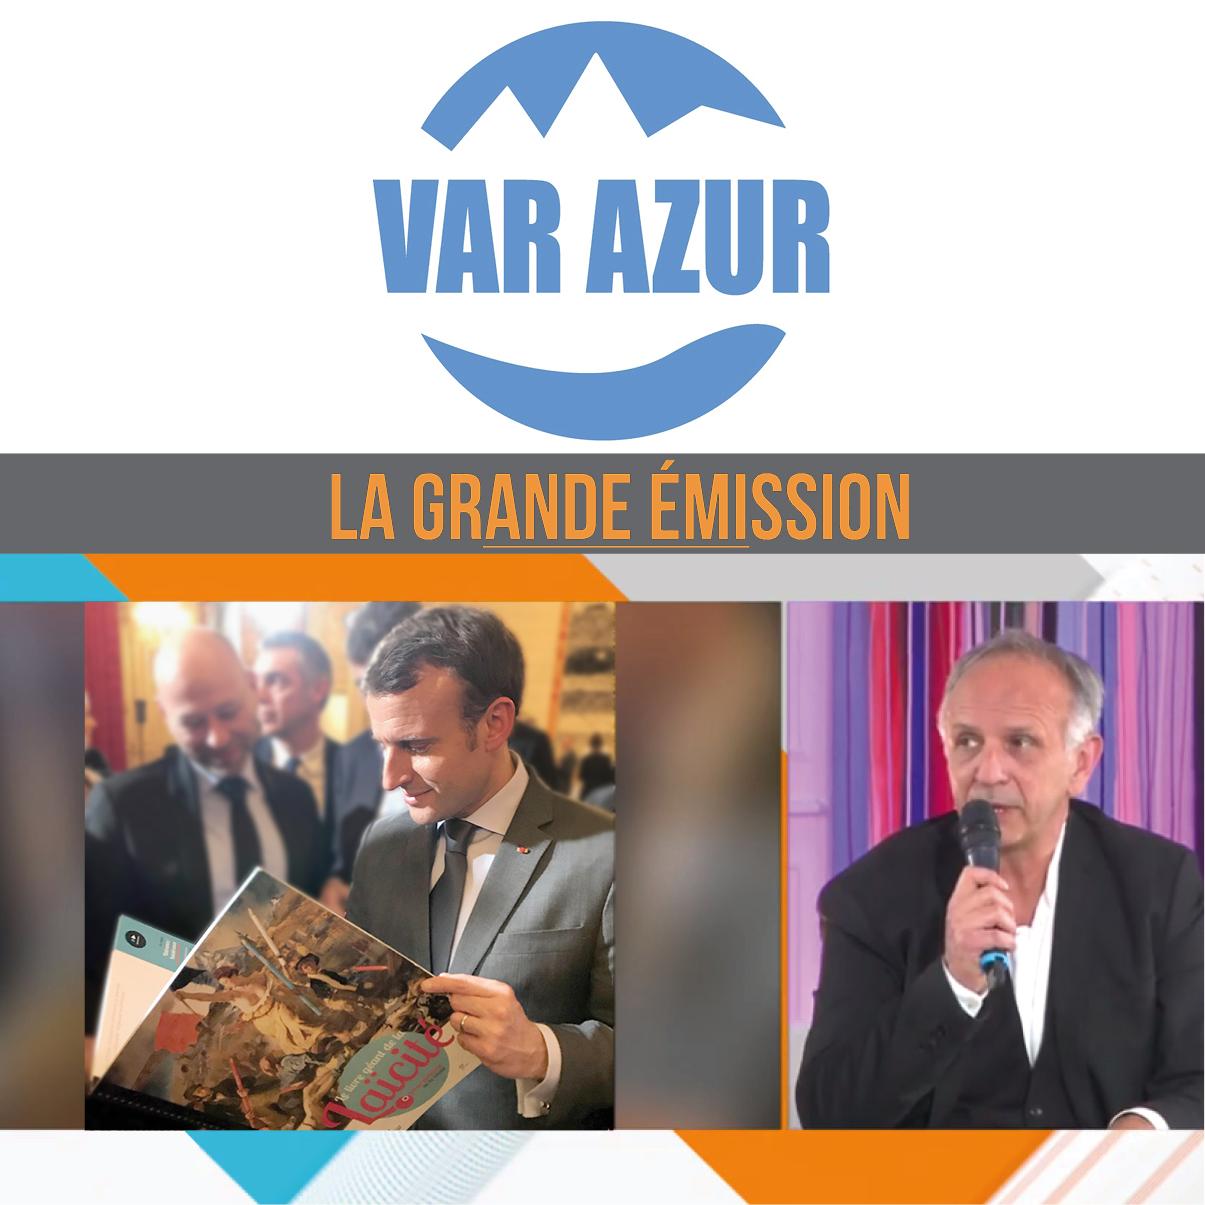 LA GRANDE EMISSION DE VAR AZUR TV avec le livre Géant de la laïcité